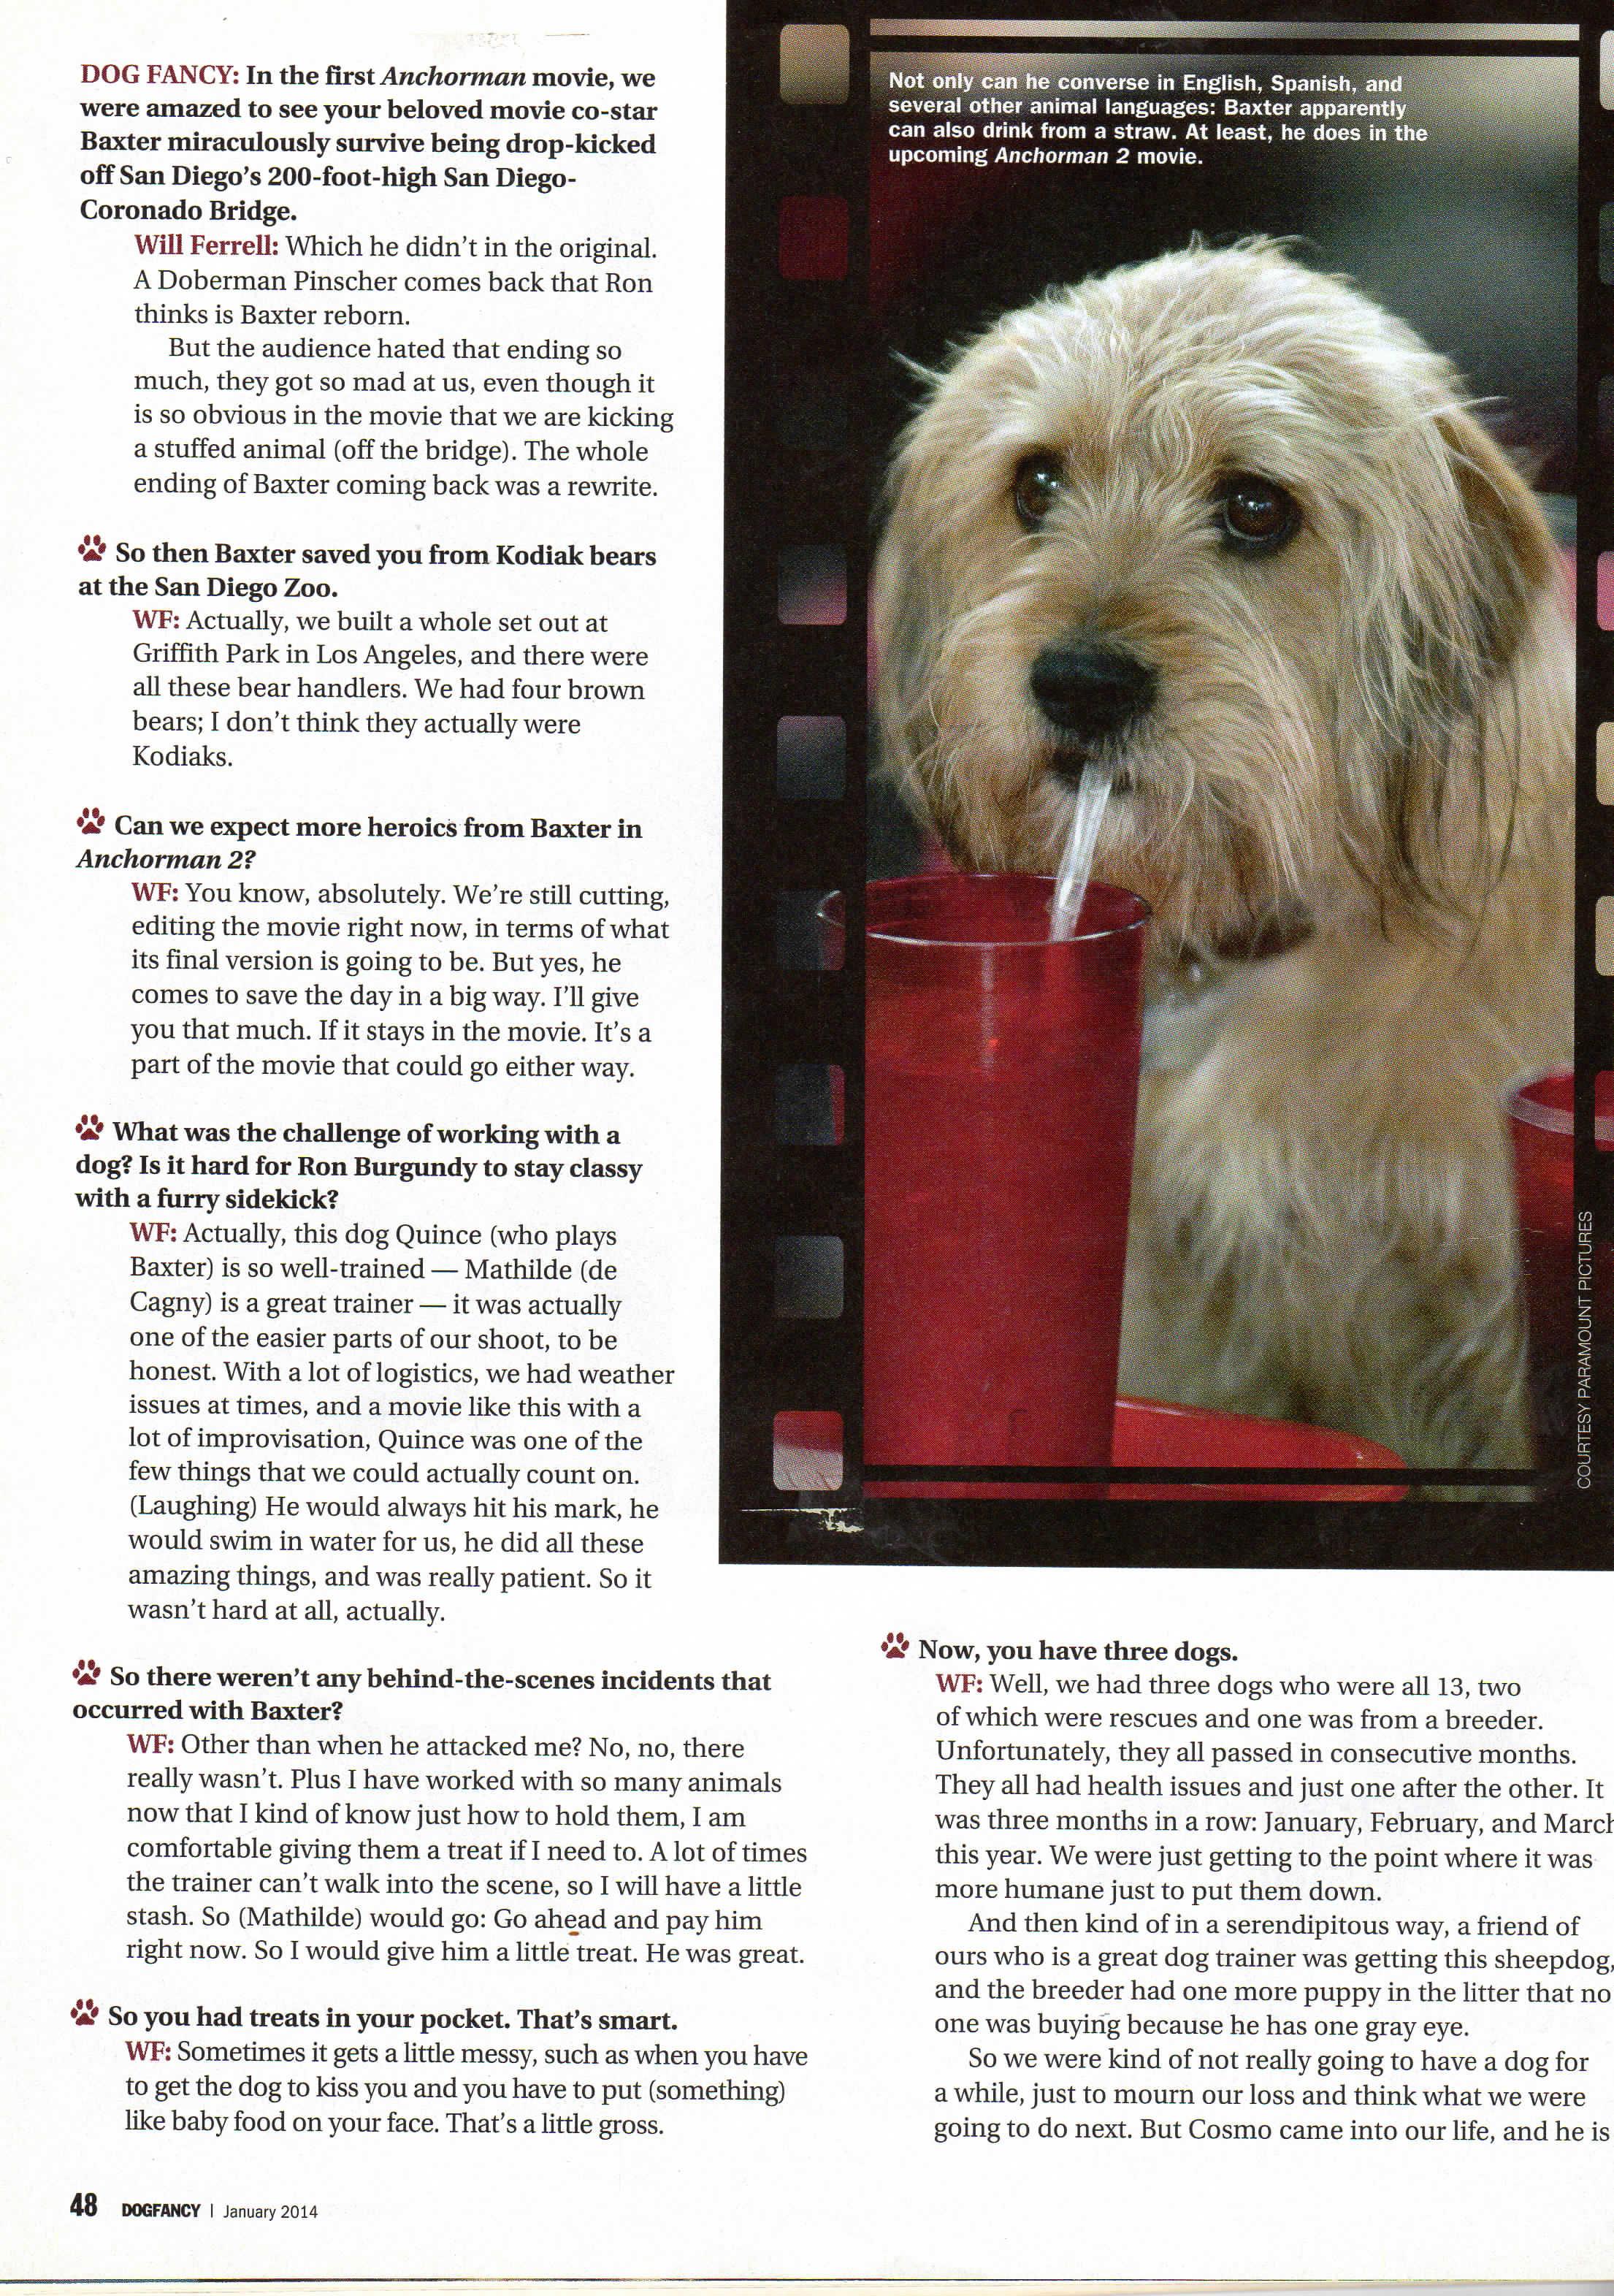 Dog Fancy Anchorman20160910_16401801-4.jpg